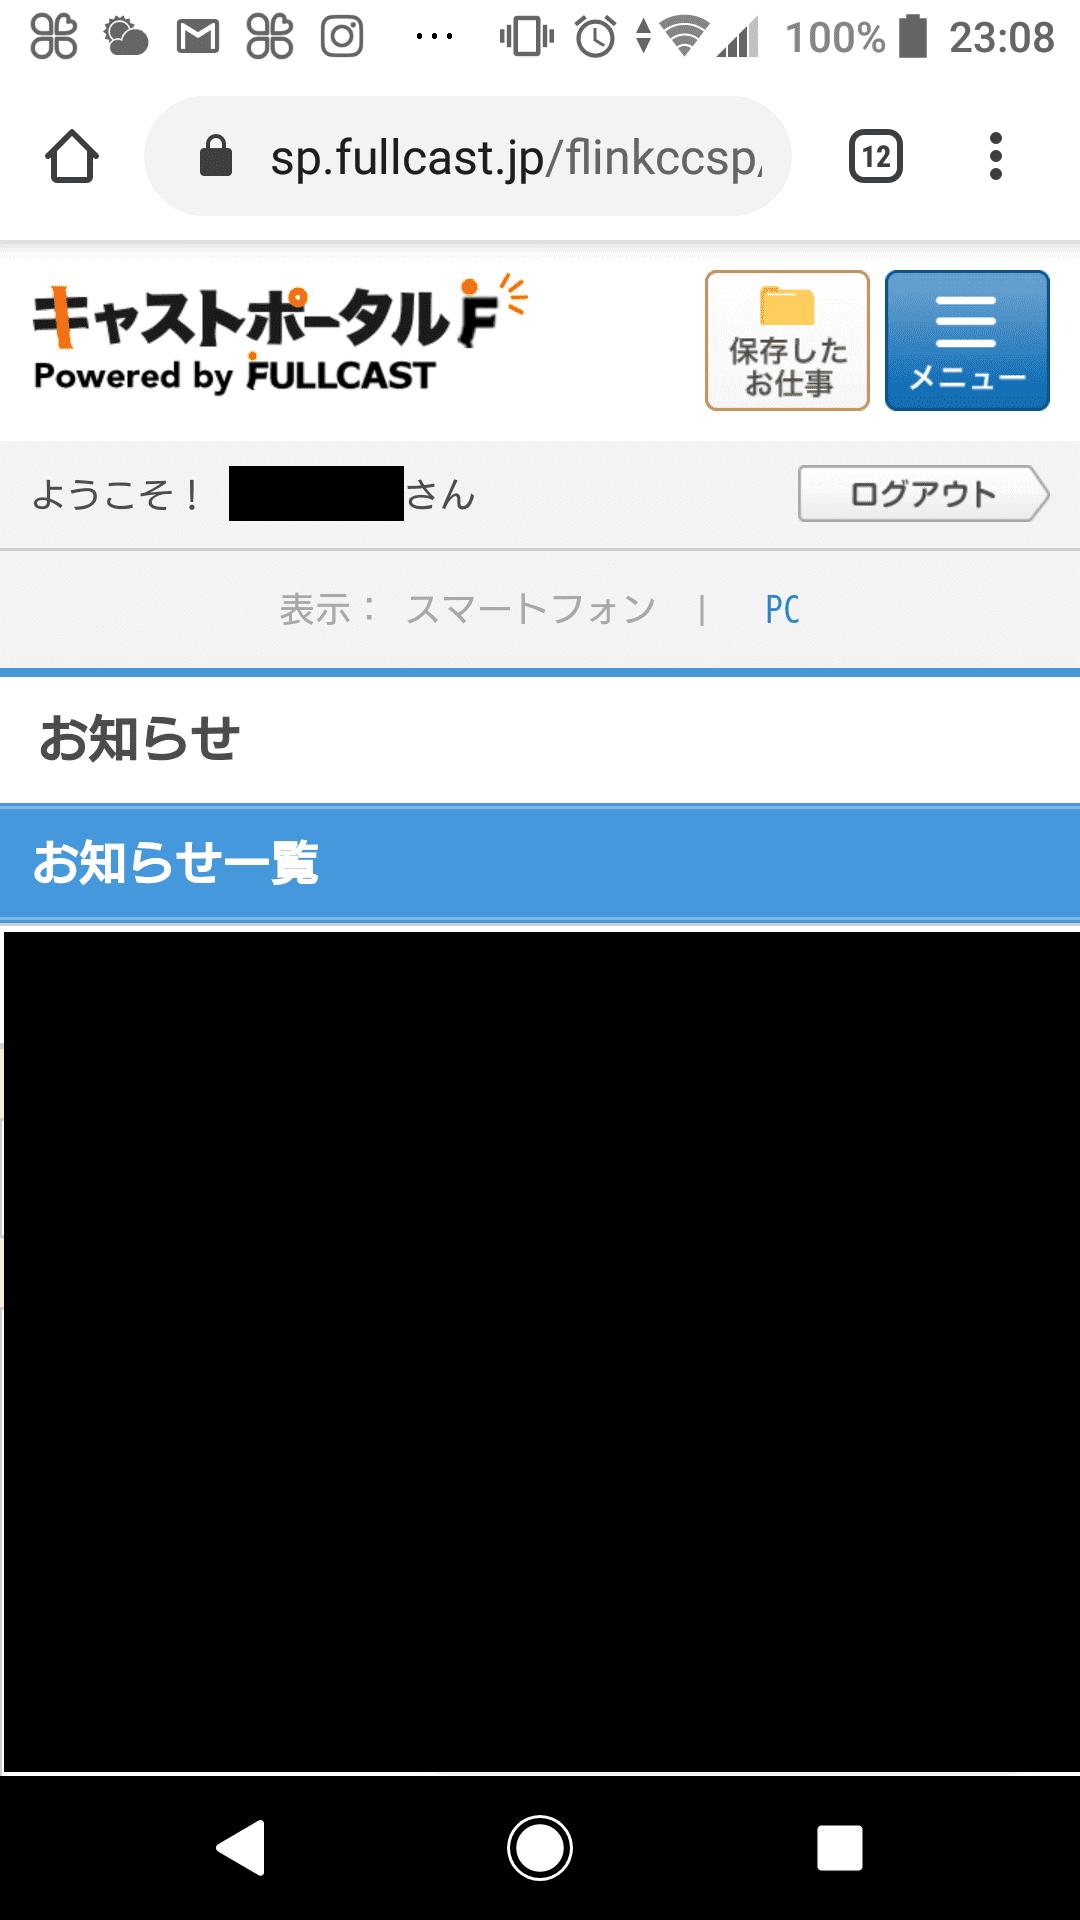 フルキャスト 名古屋営業課 WEB登録